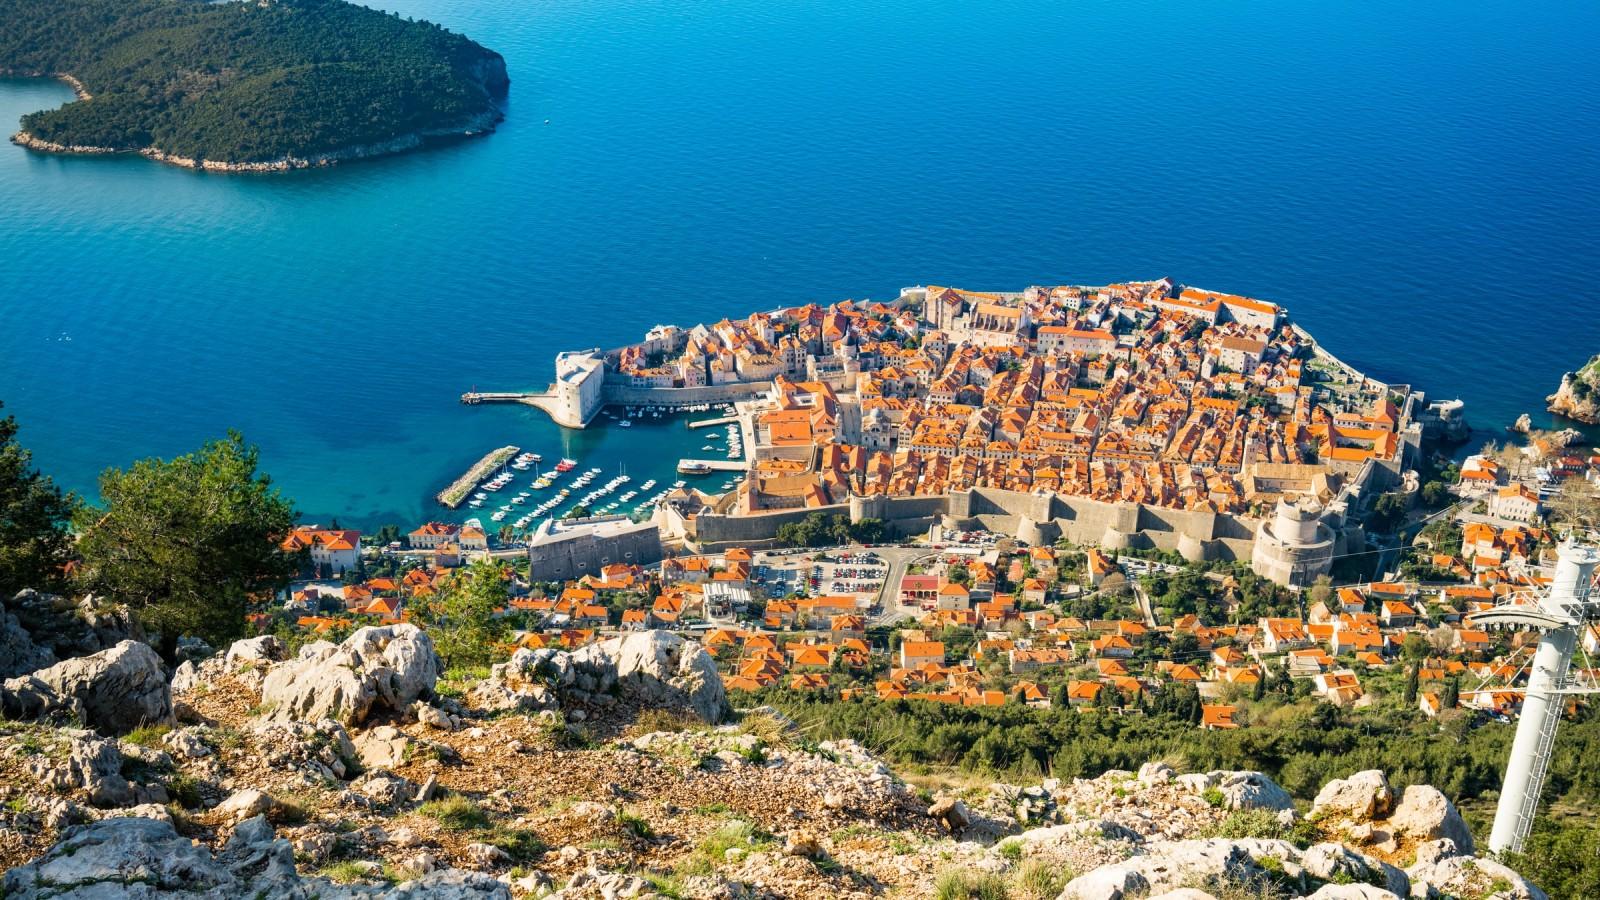 Rezultati drugog kruga glasovanja za izbor gradonačelnika i zamjenika gradonačelnika Grada Dubrovnika provedenog 30. svibnja 2021.